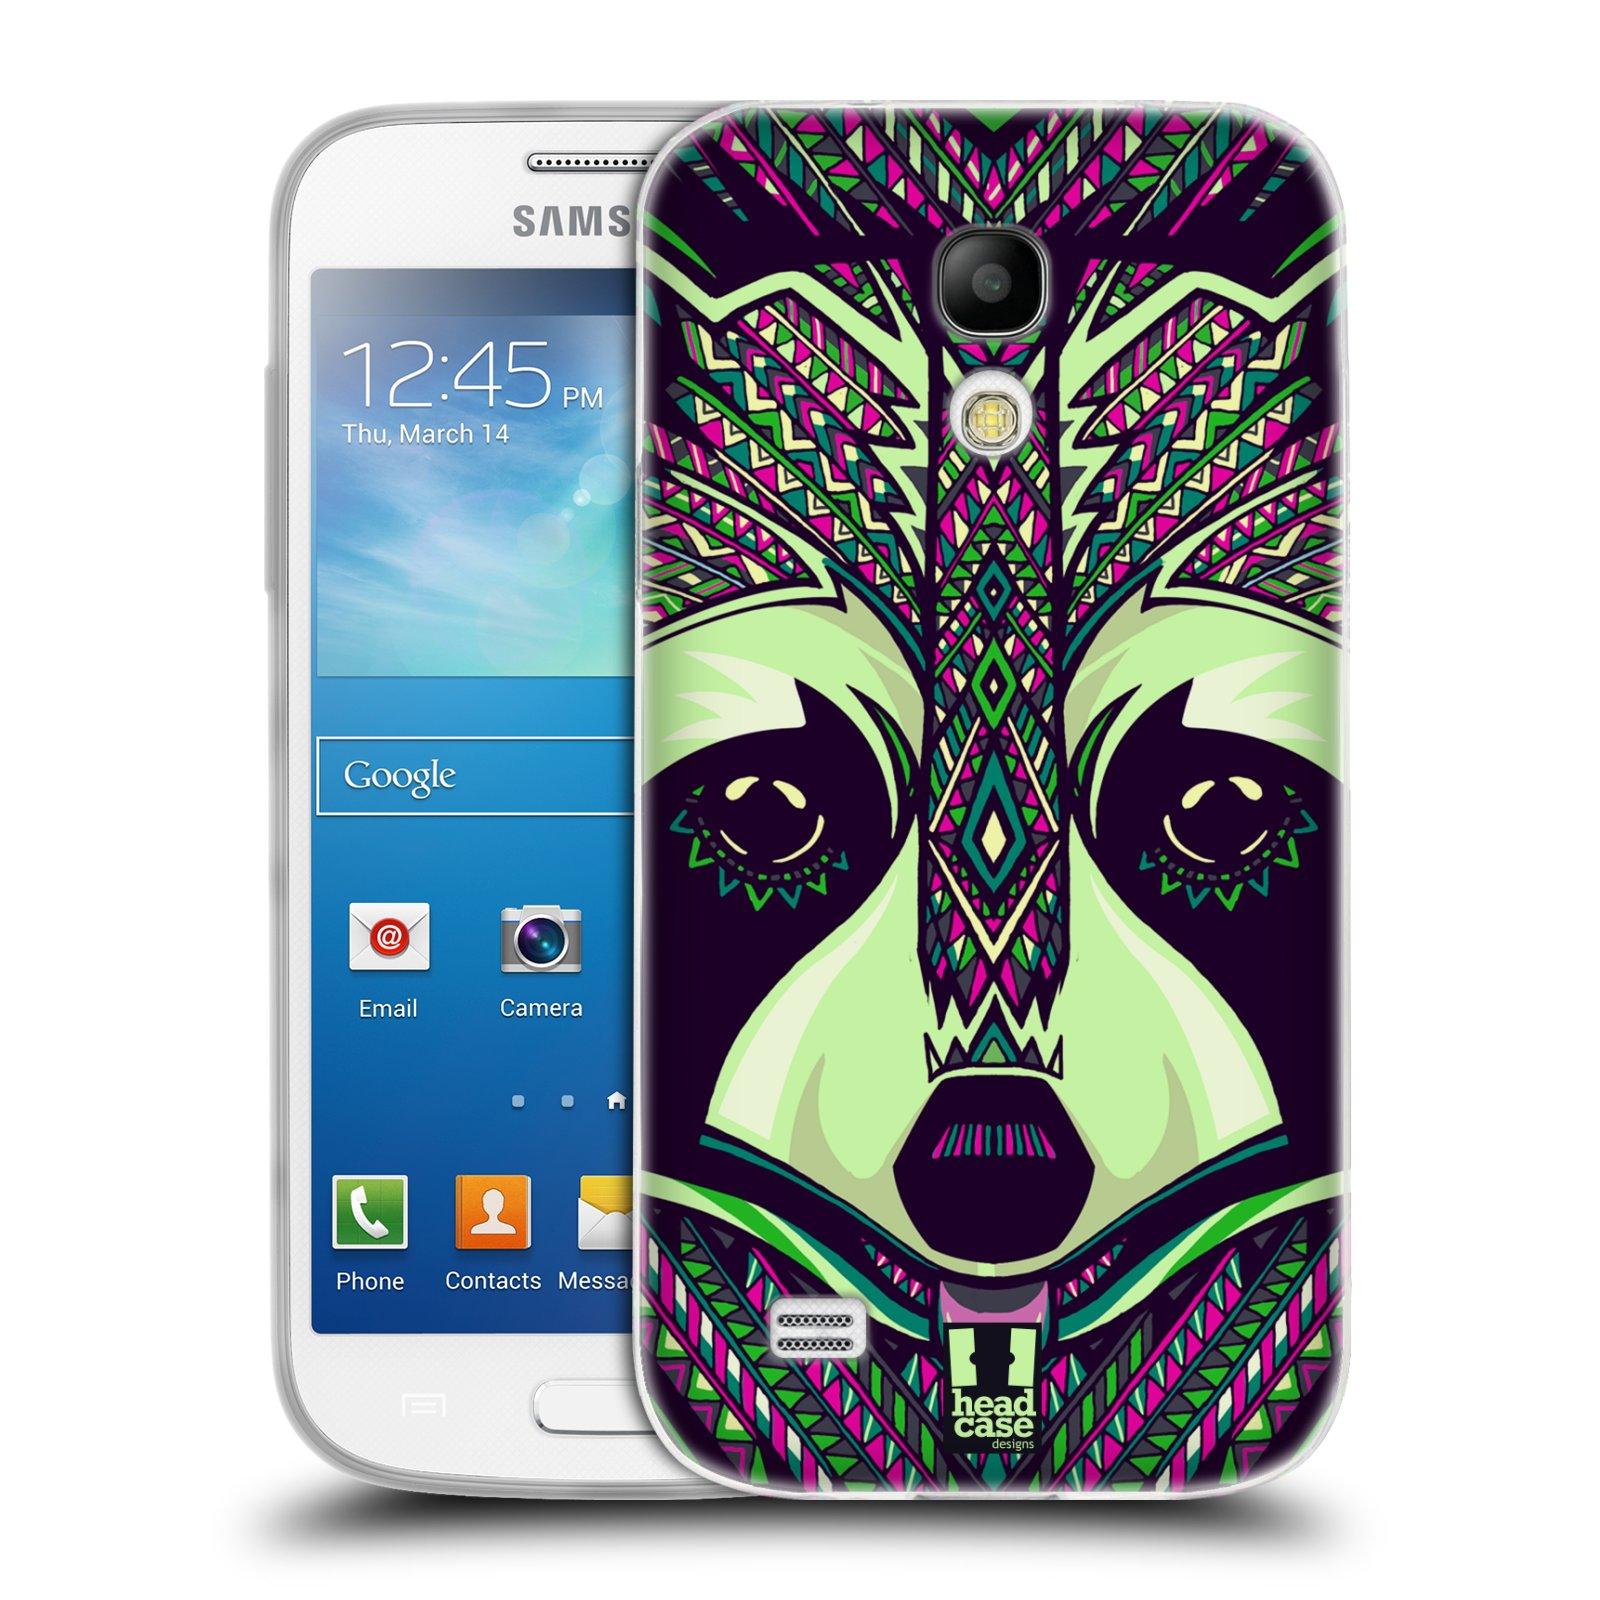 Silikonové pouzdro na mobil Samsung Galaxy S4 Mini HEAD CASE AZTEC MÝVAL (Silikonový kryt či obal na mobilní telefon Samsung Galaxy S4 Mini GT-i9195 / i9190 (nepasuje na verzi Black Edition))